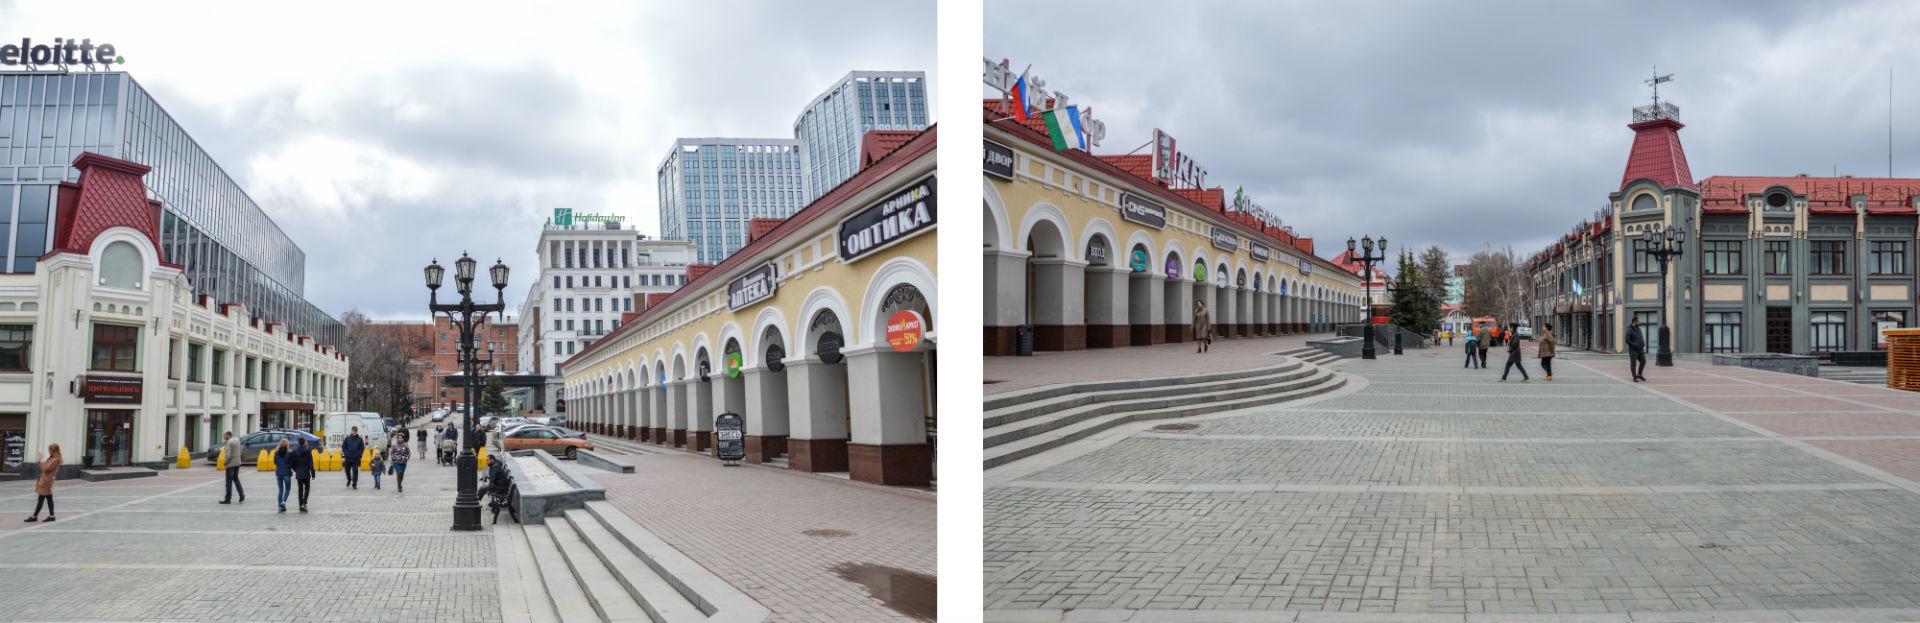 Entièrement restaurée, la place Verkhnetorgovaïa est aujourd'hui un lieu convivial et chaleureux, cœur du centre-ville.